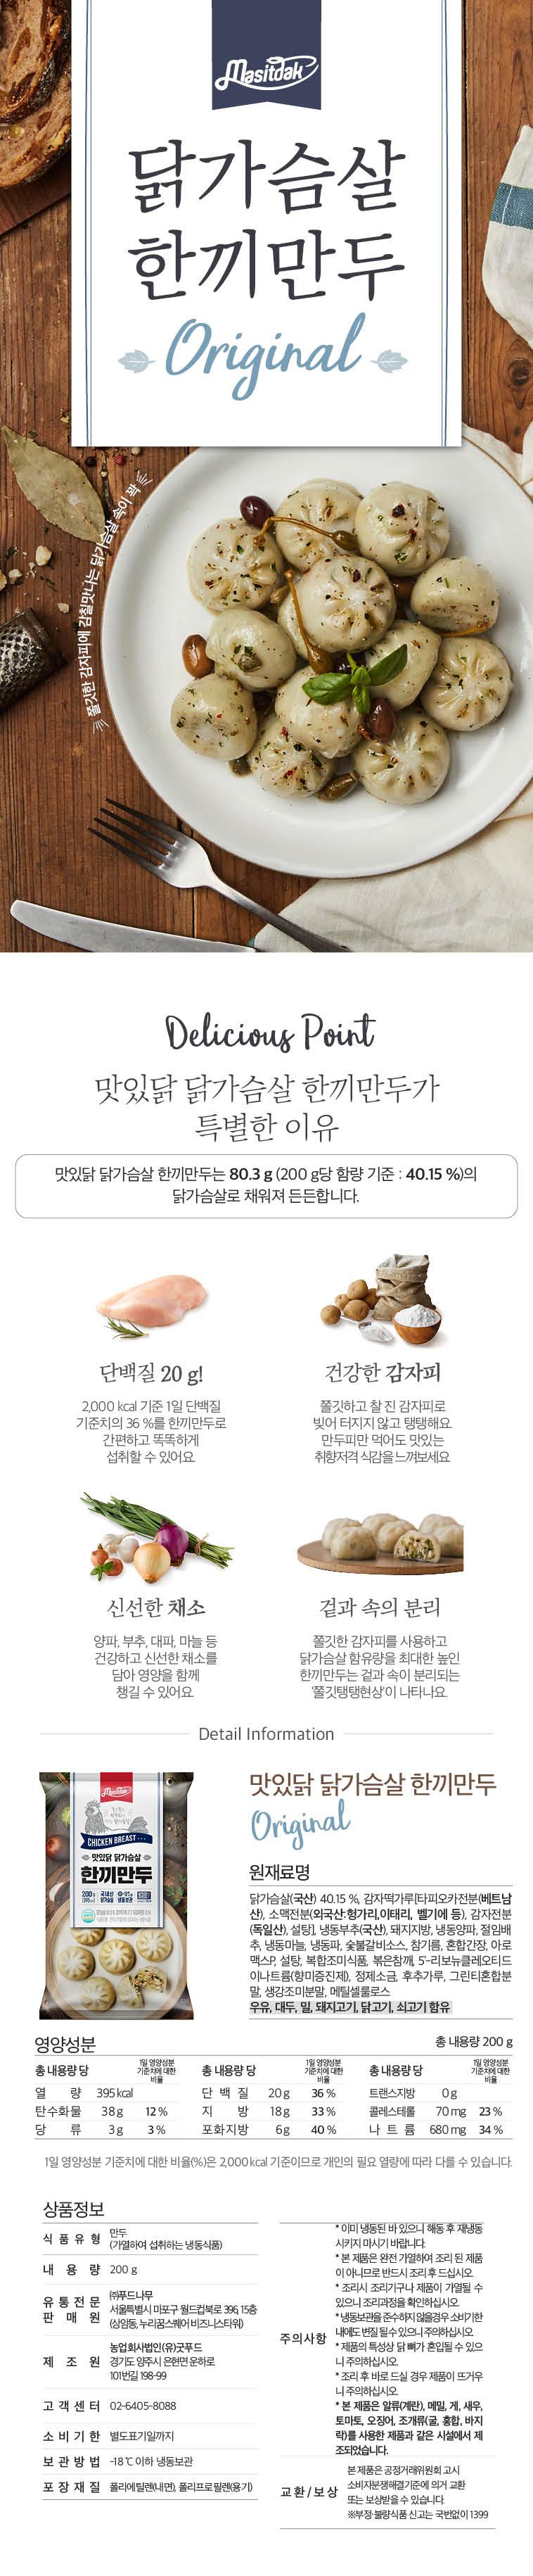 맛있닭_만두_오리지